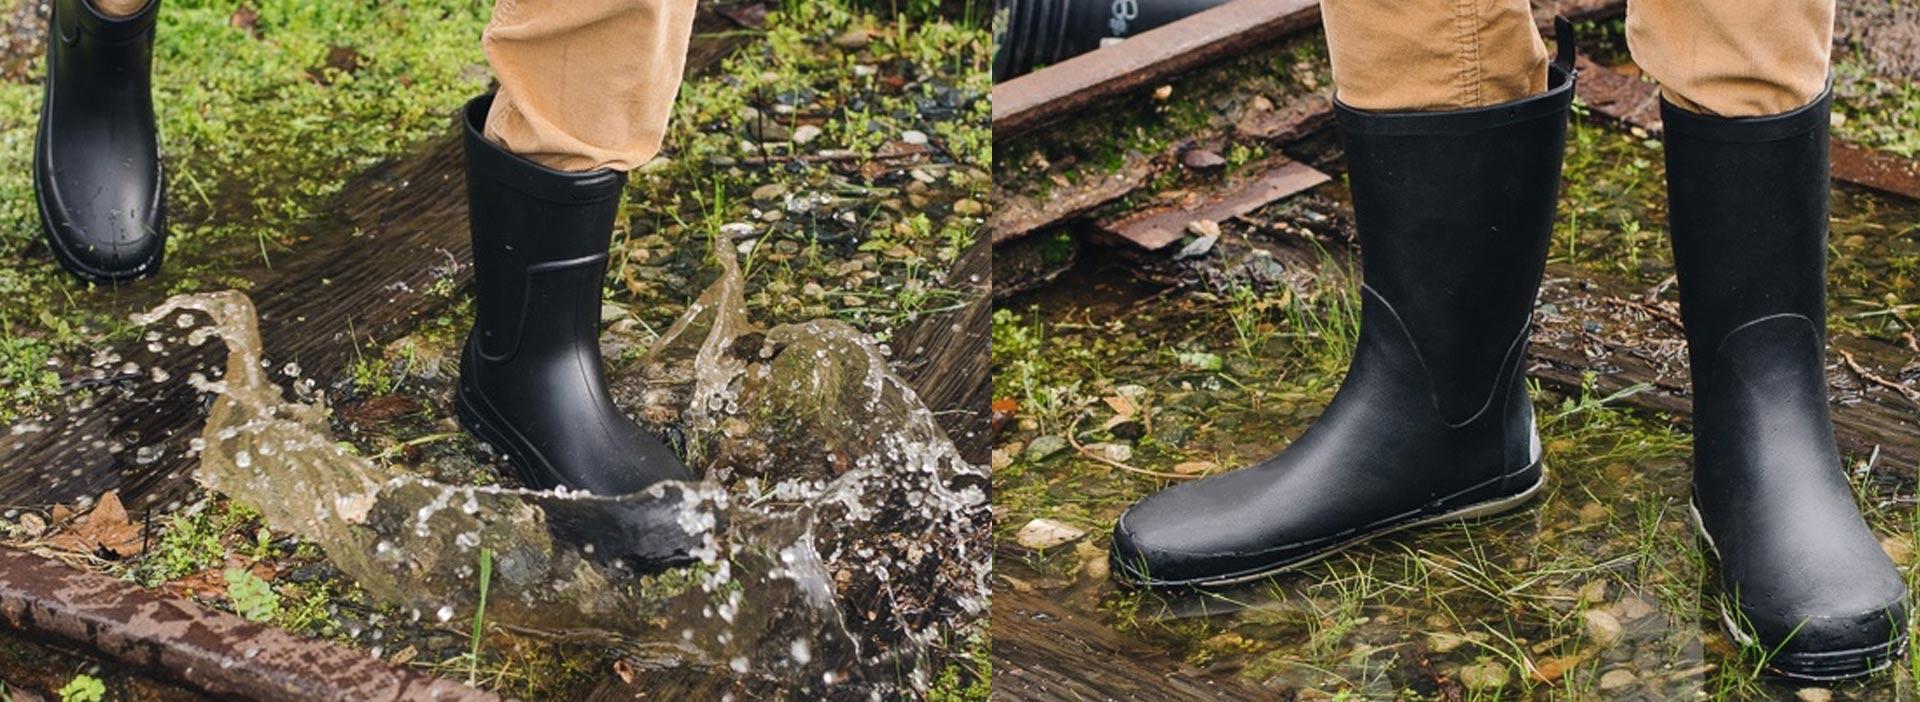 Men's Rubber Rain Boots